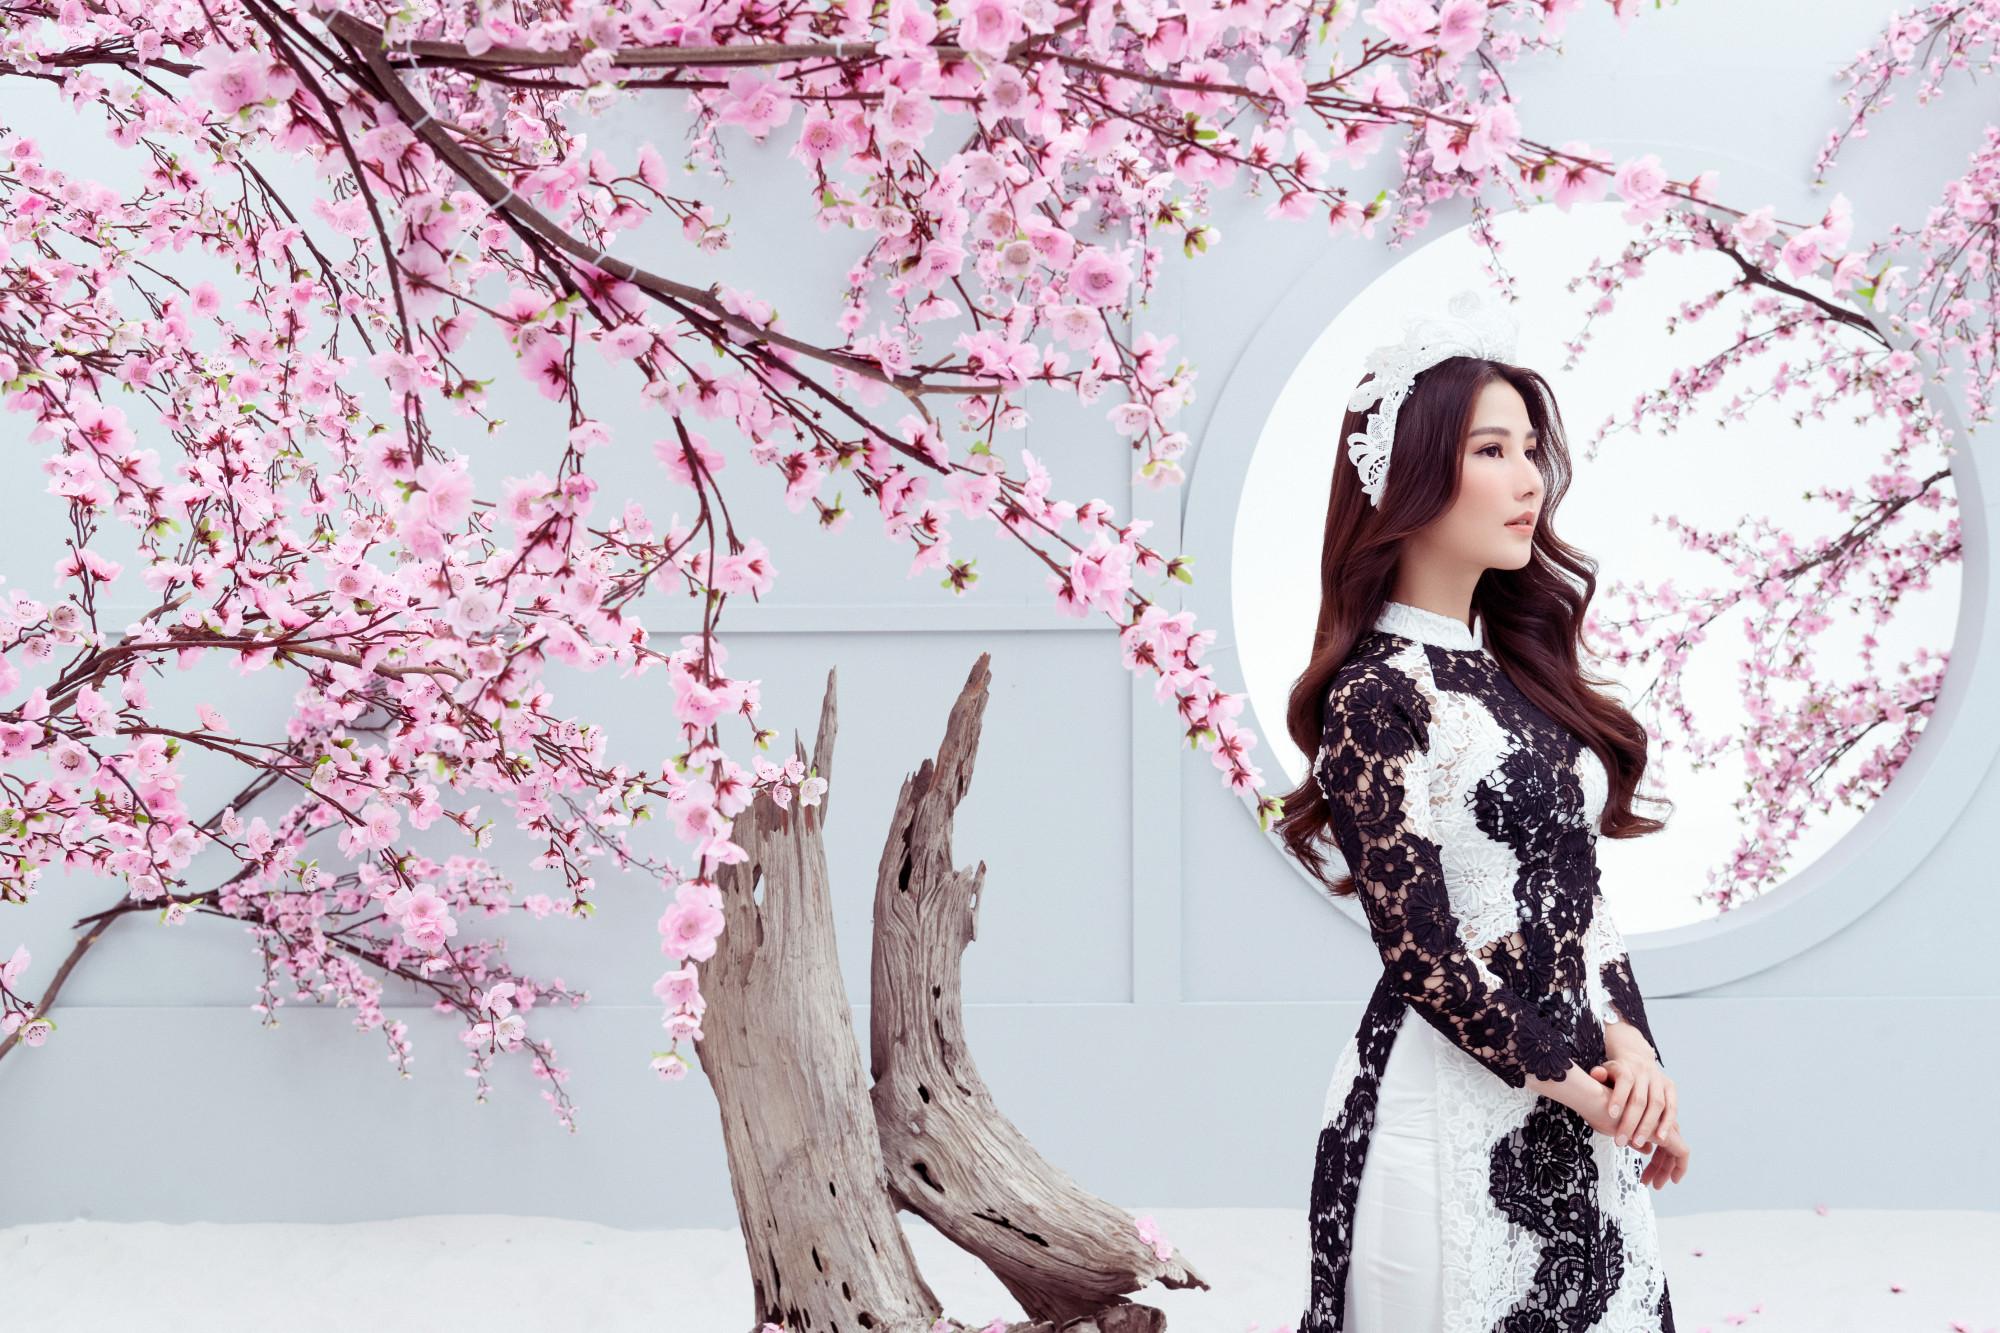 Áo dài ren đen trắng với kiểu dáng truyền thống sẽ phù hợp với những cô nàng